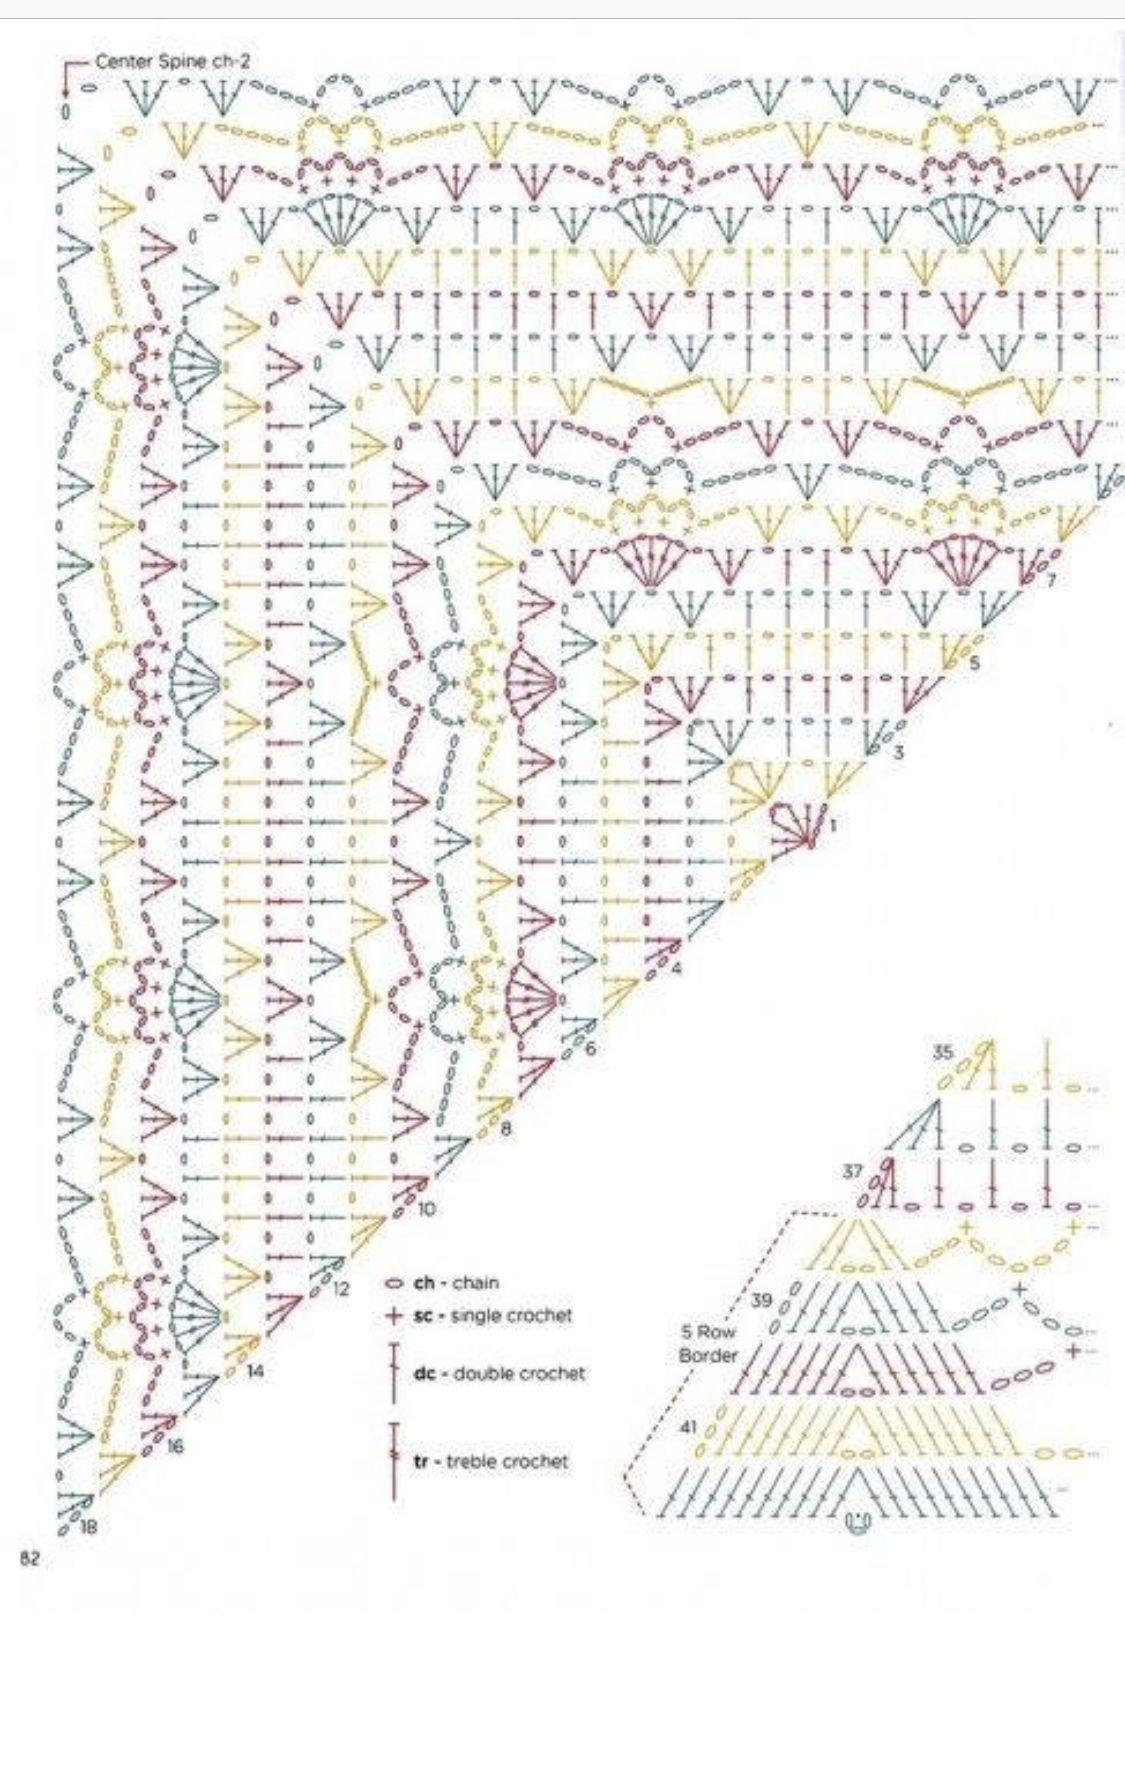 Triangle Shawl Diagram Crochet Shawl Diagram Crochet Shawl Shawl Crochet Pattern